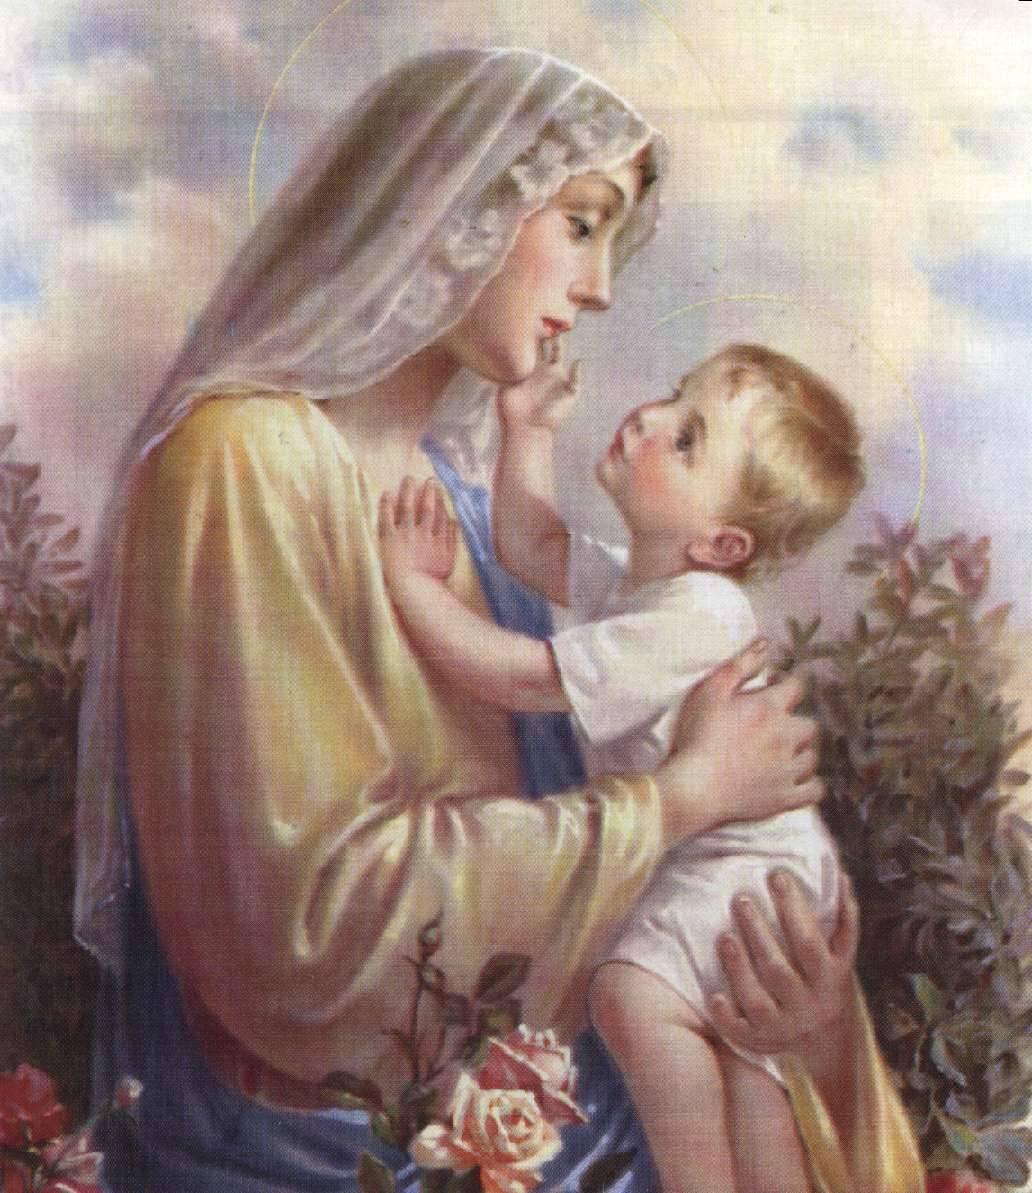 Santa María y el niño Jesús.